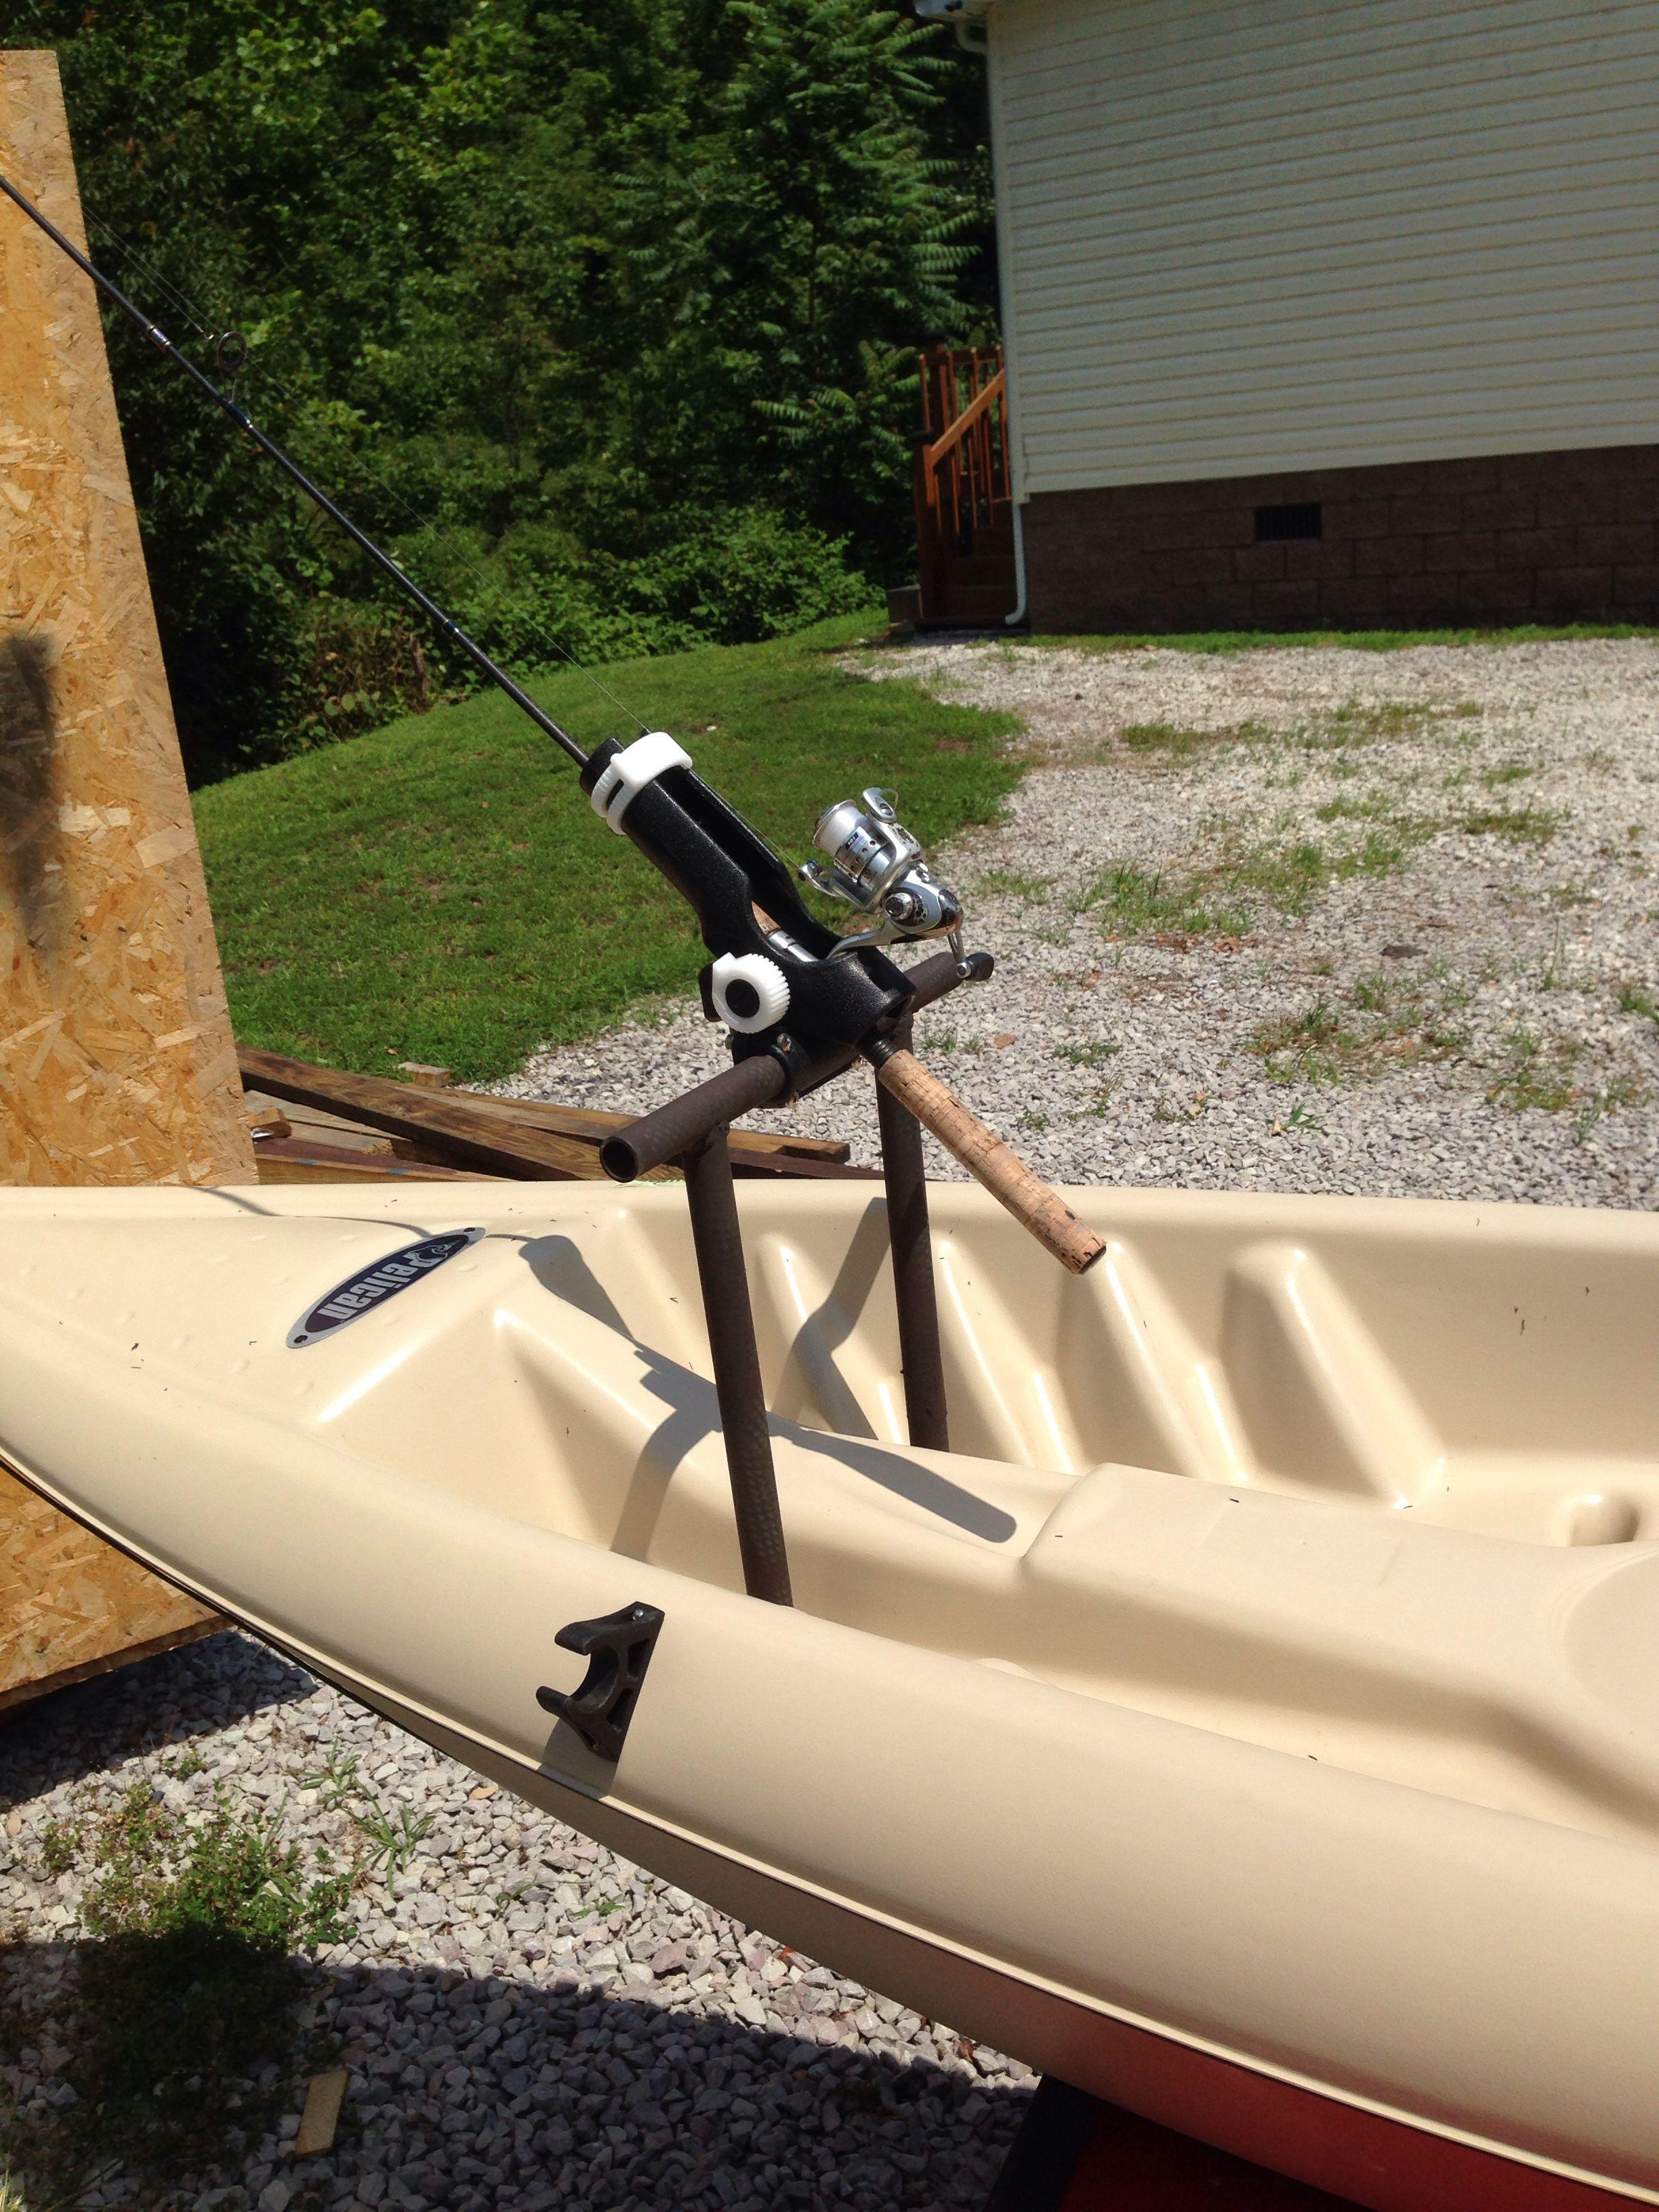 H Bar For Kayak With Images Kayaking Kayak Paddle Paddle Boarding